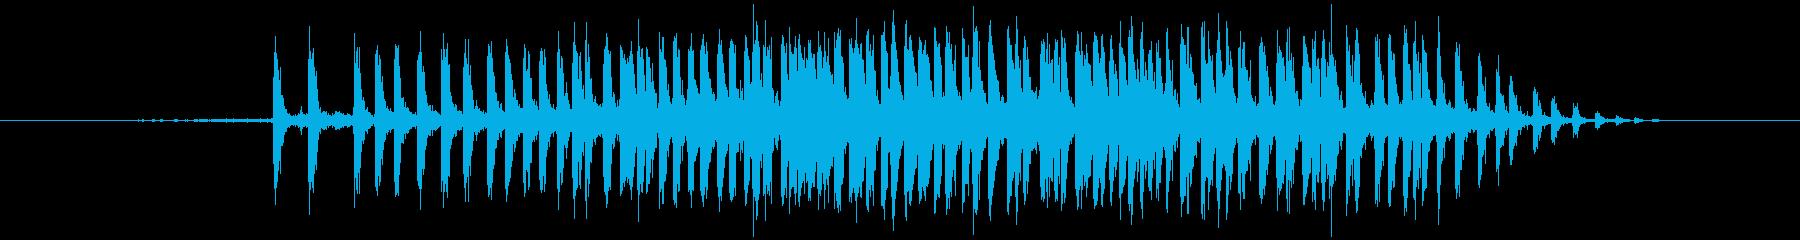 セロハンテープ等 伸ばす(ビィィィッ)の再生済みの波形